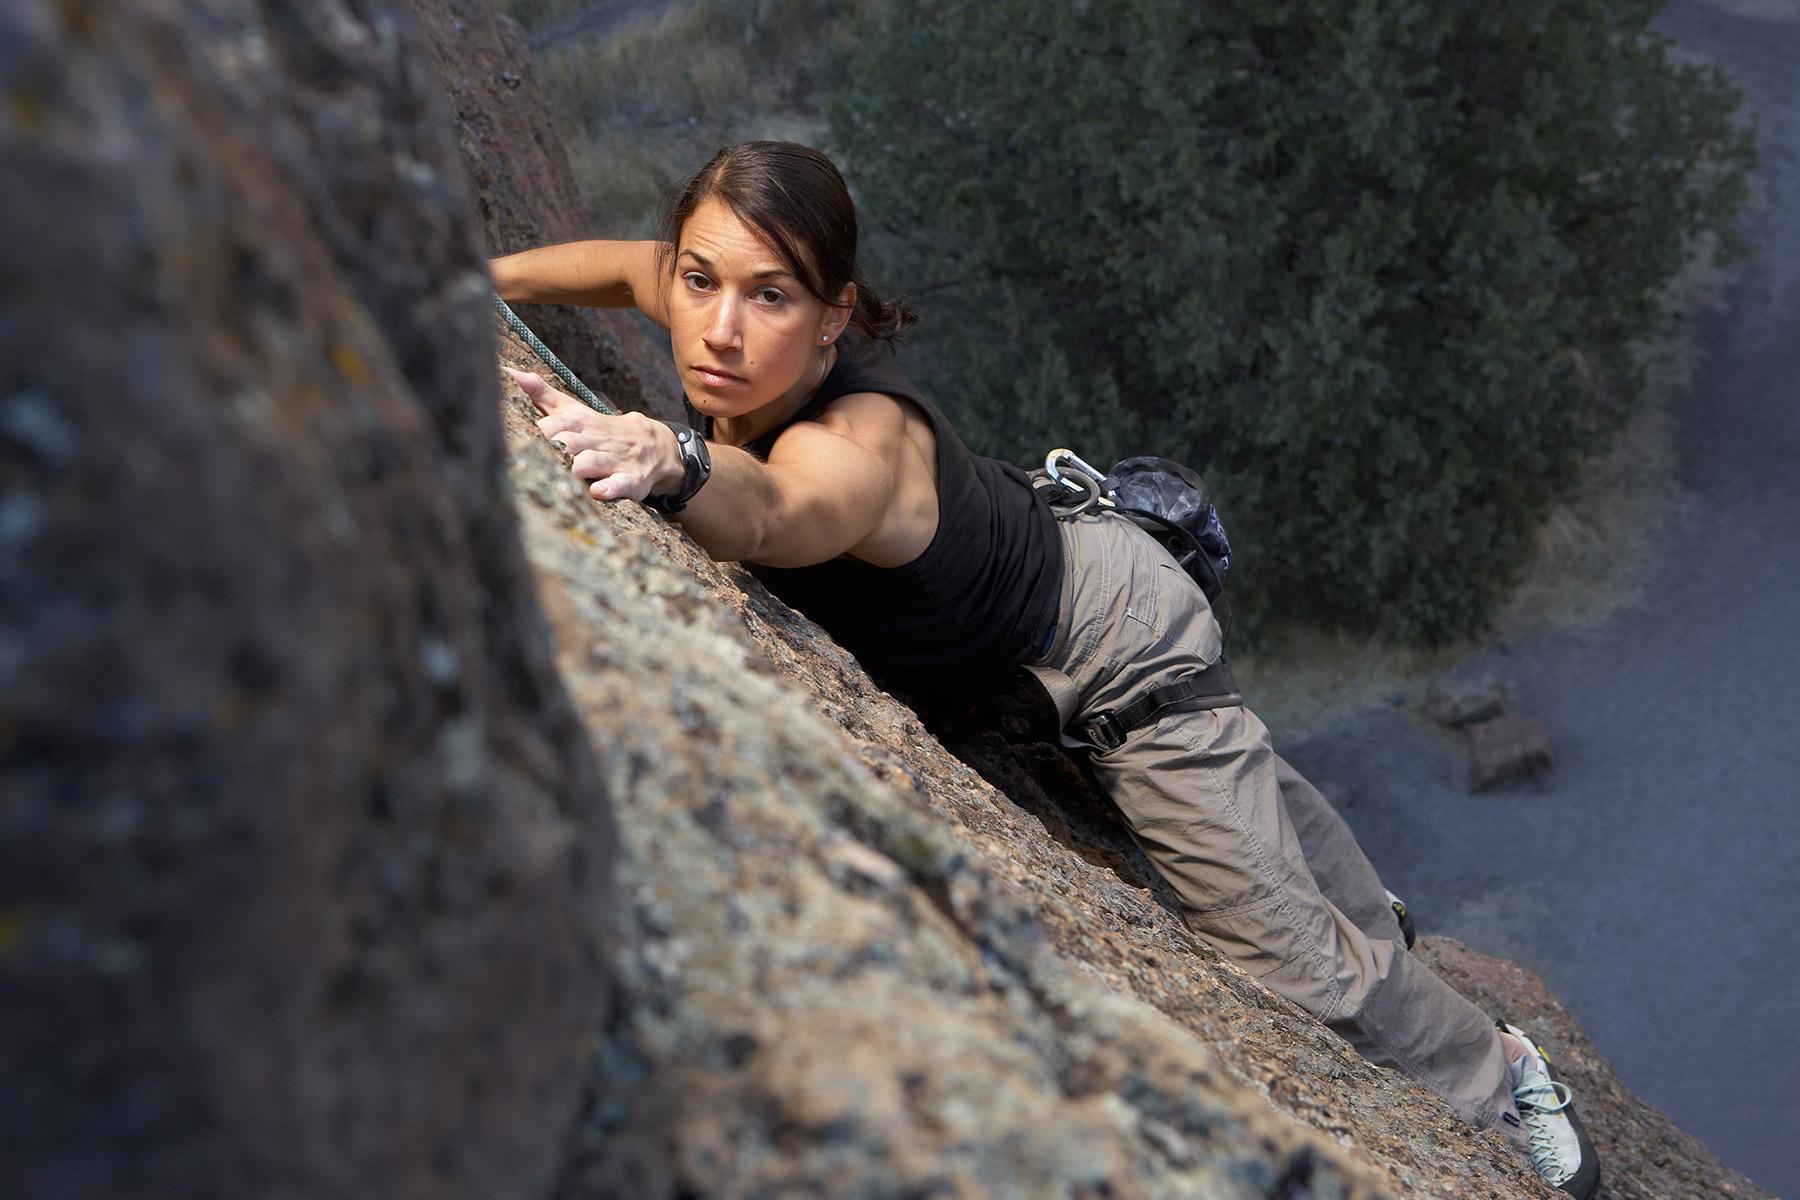 1climber_woman